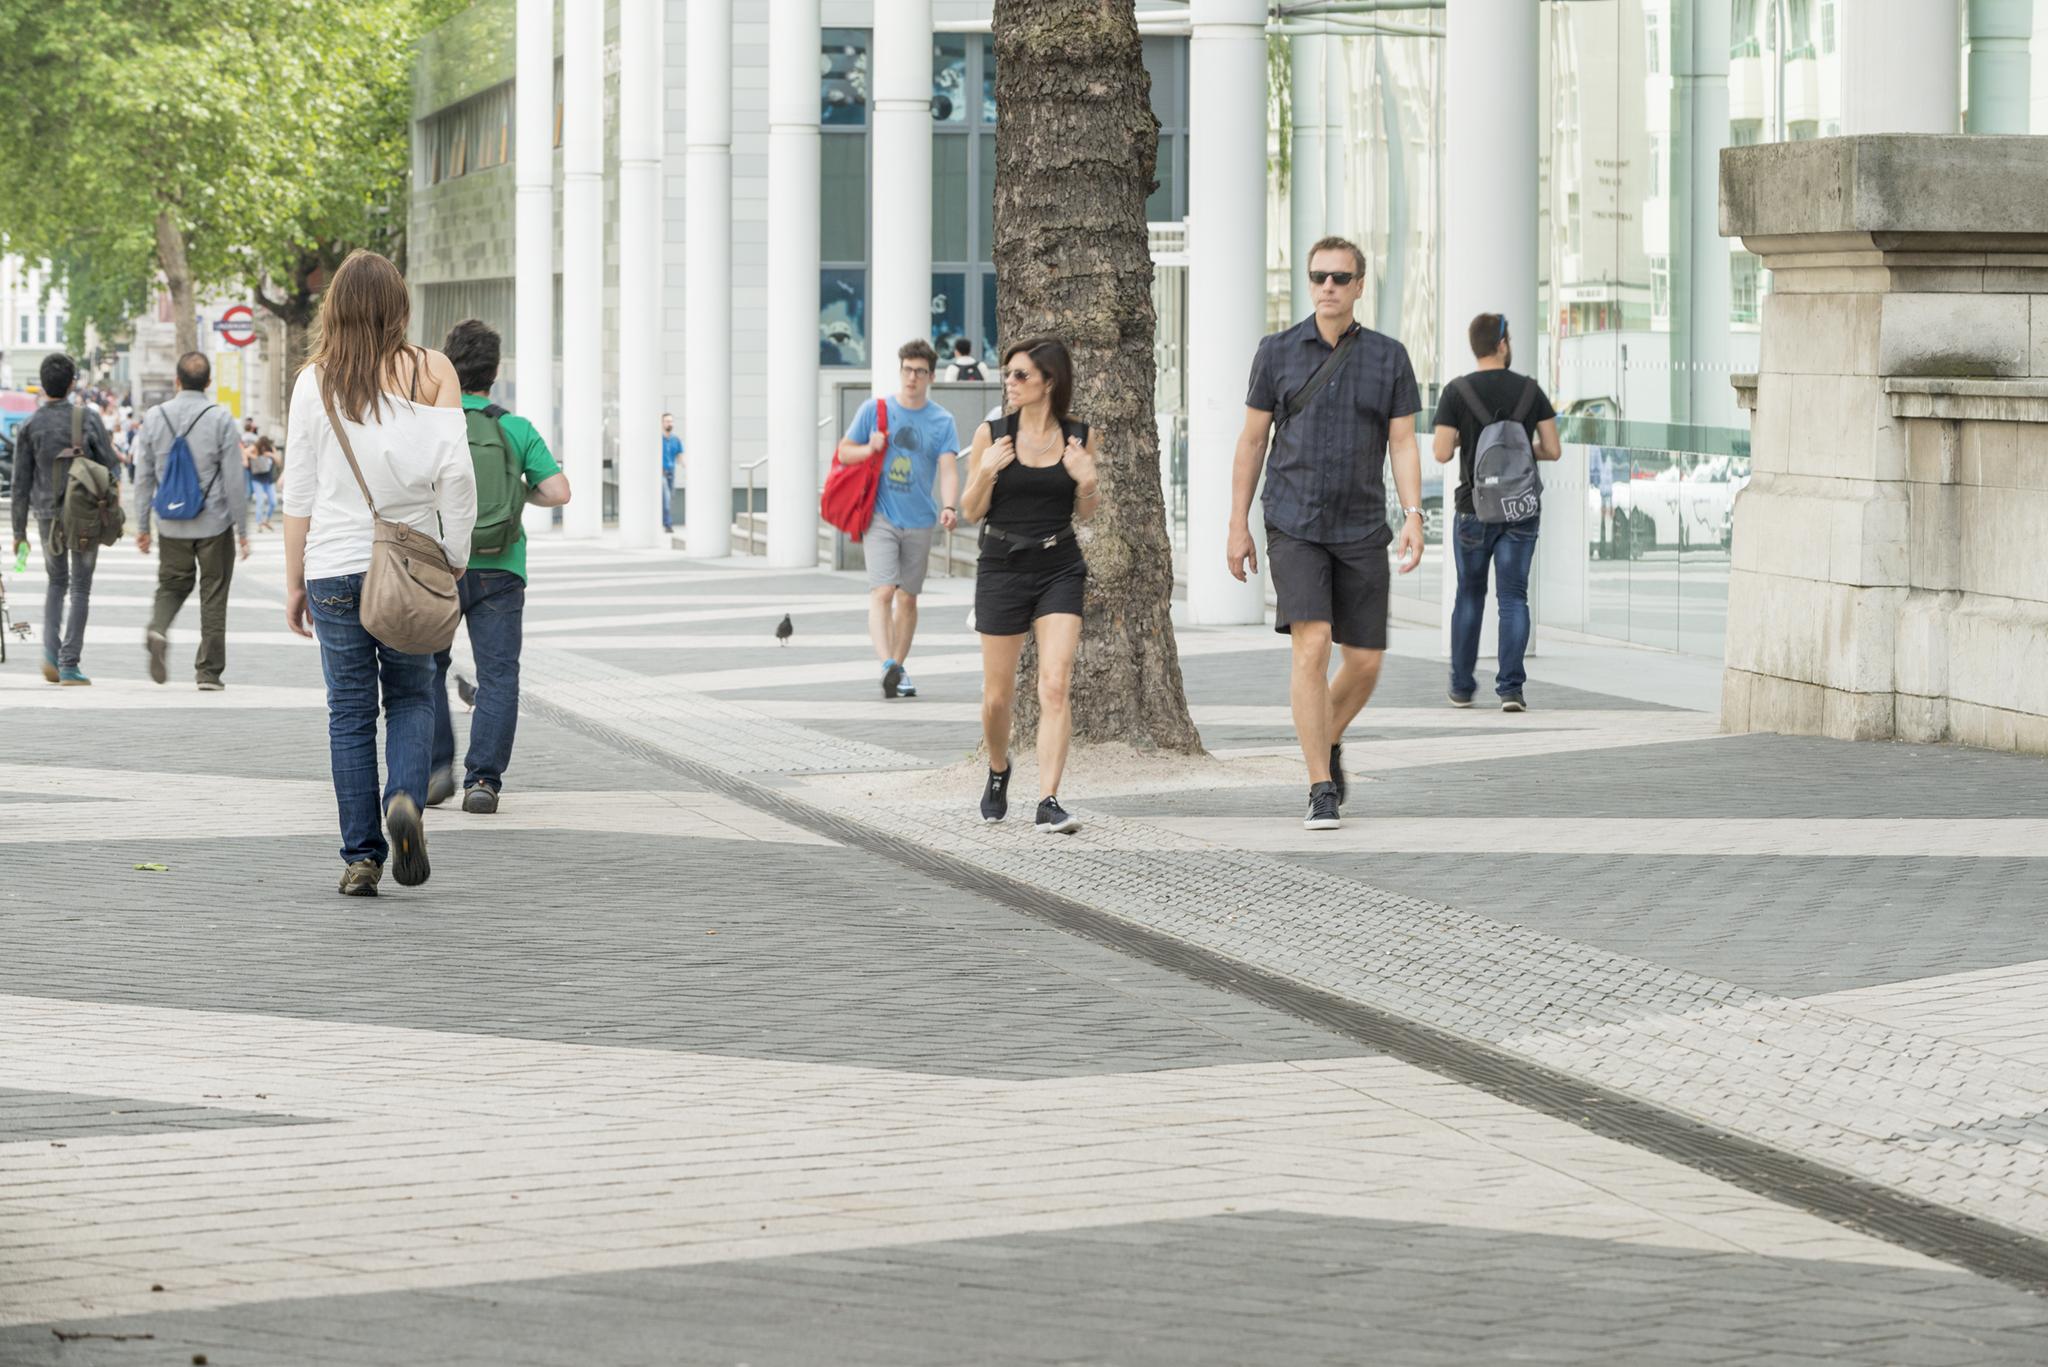 Block paving in public